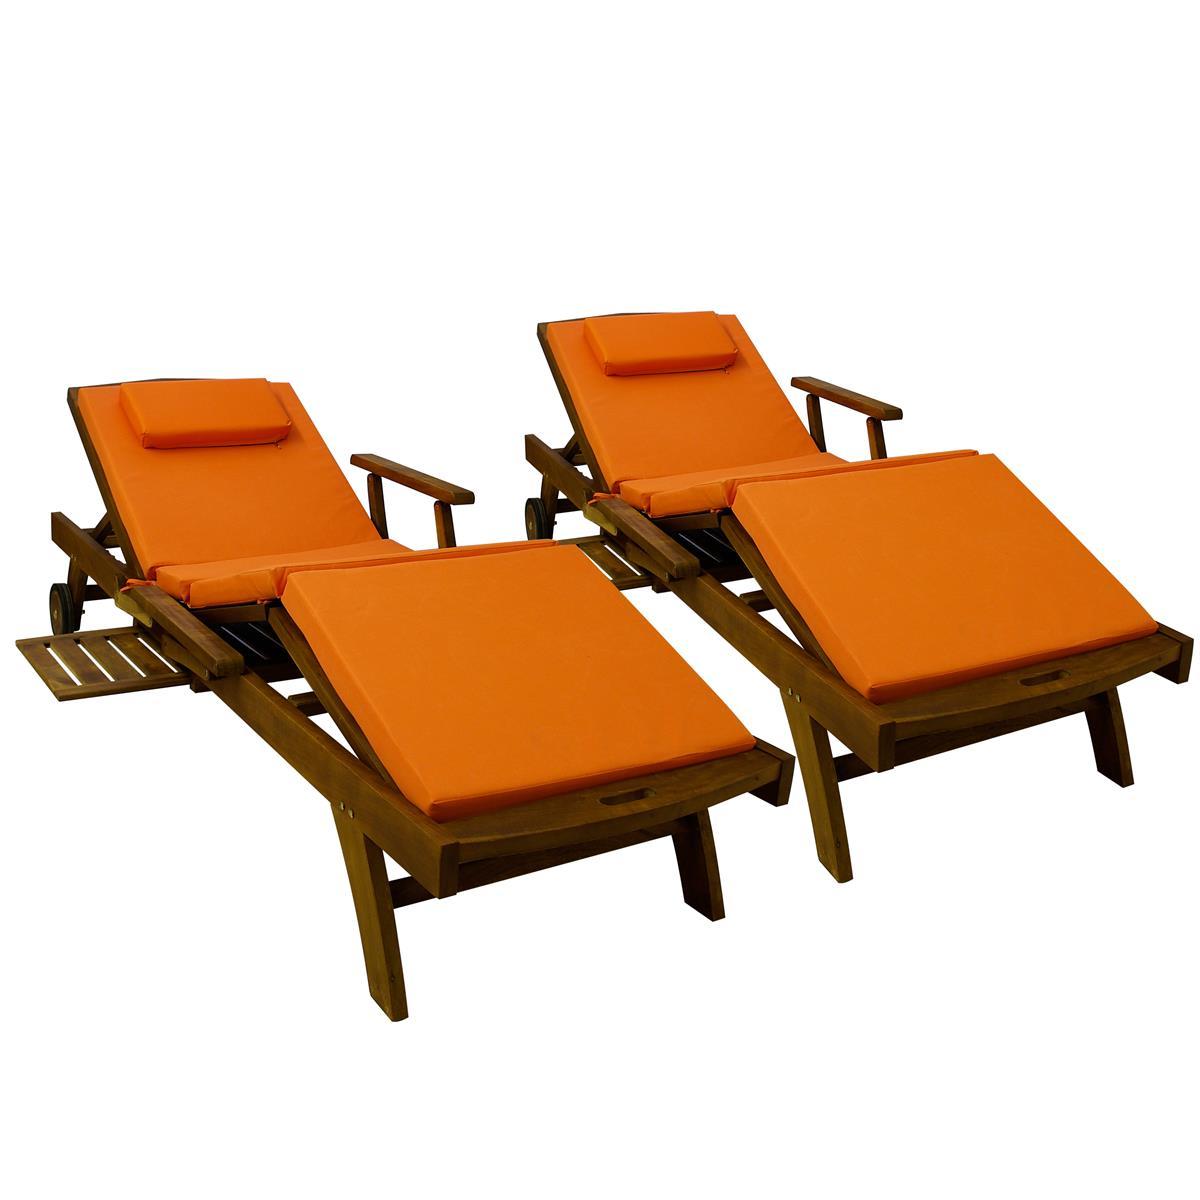 Divero 2x Liegenauflage Polster für Gartenliege mit Kopfkissen hochwertig orange